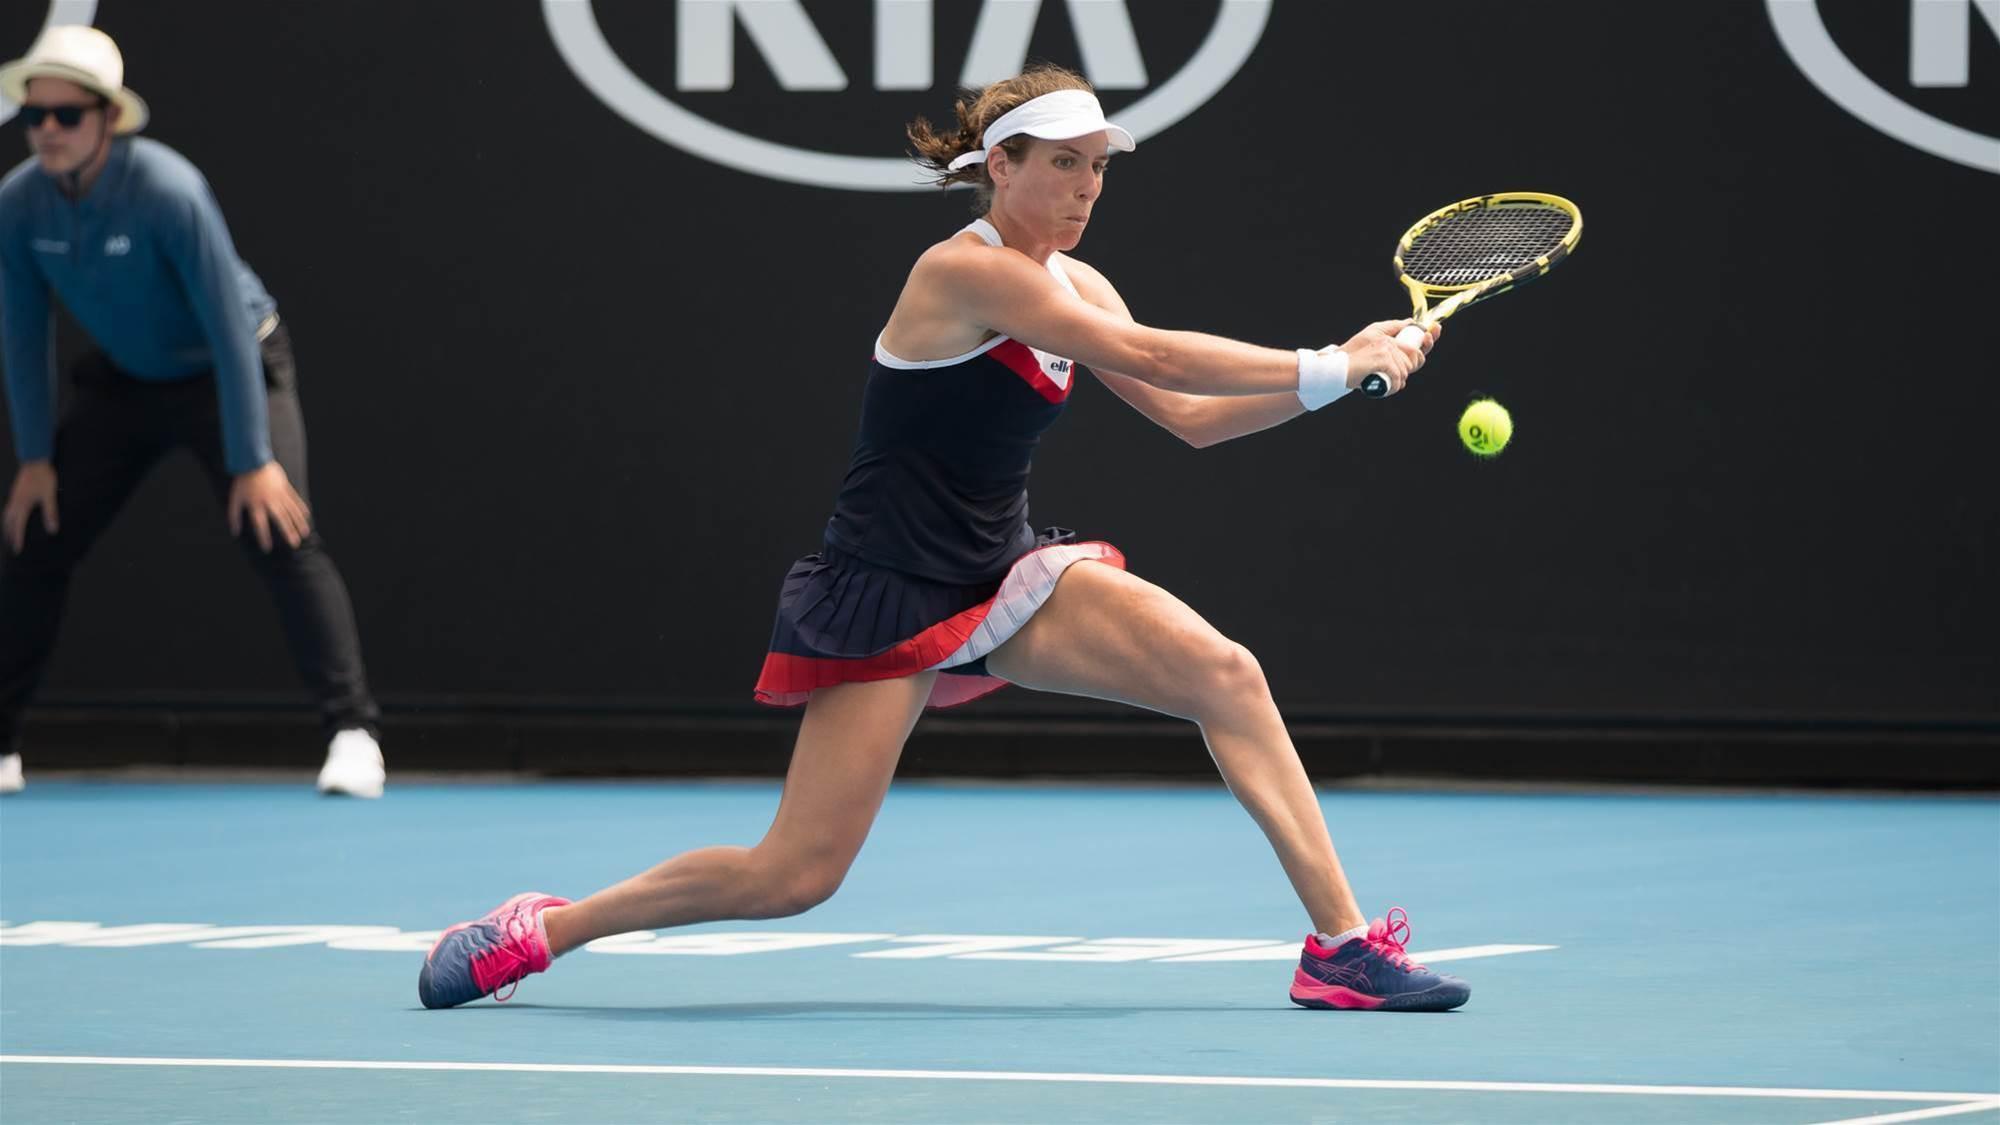 Tennis stars injury pain from Australian Open